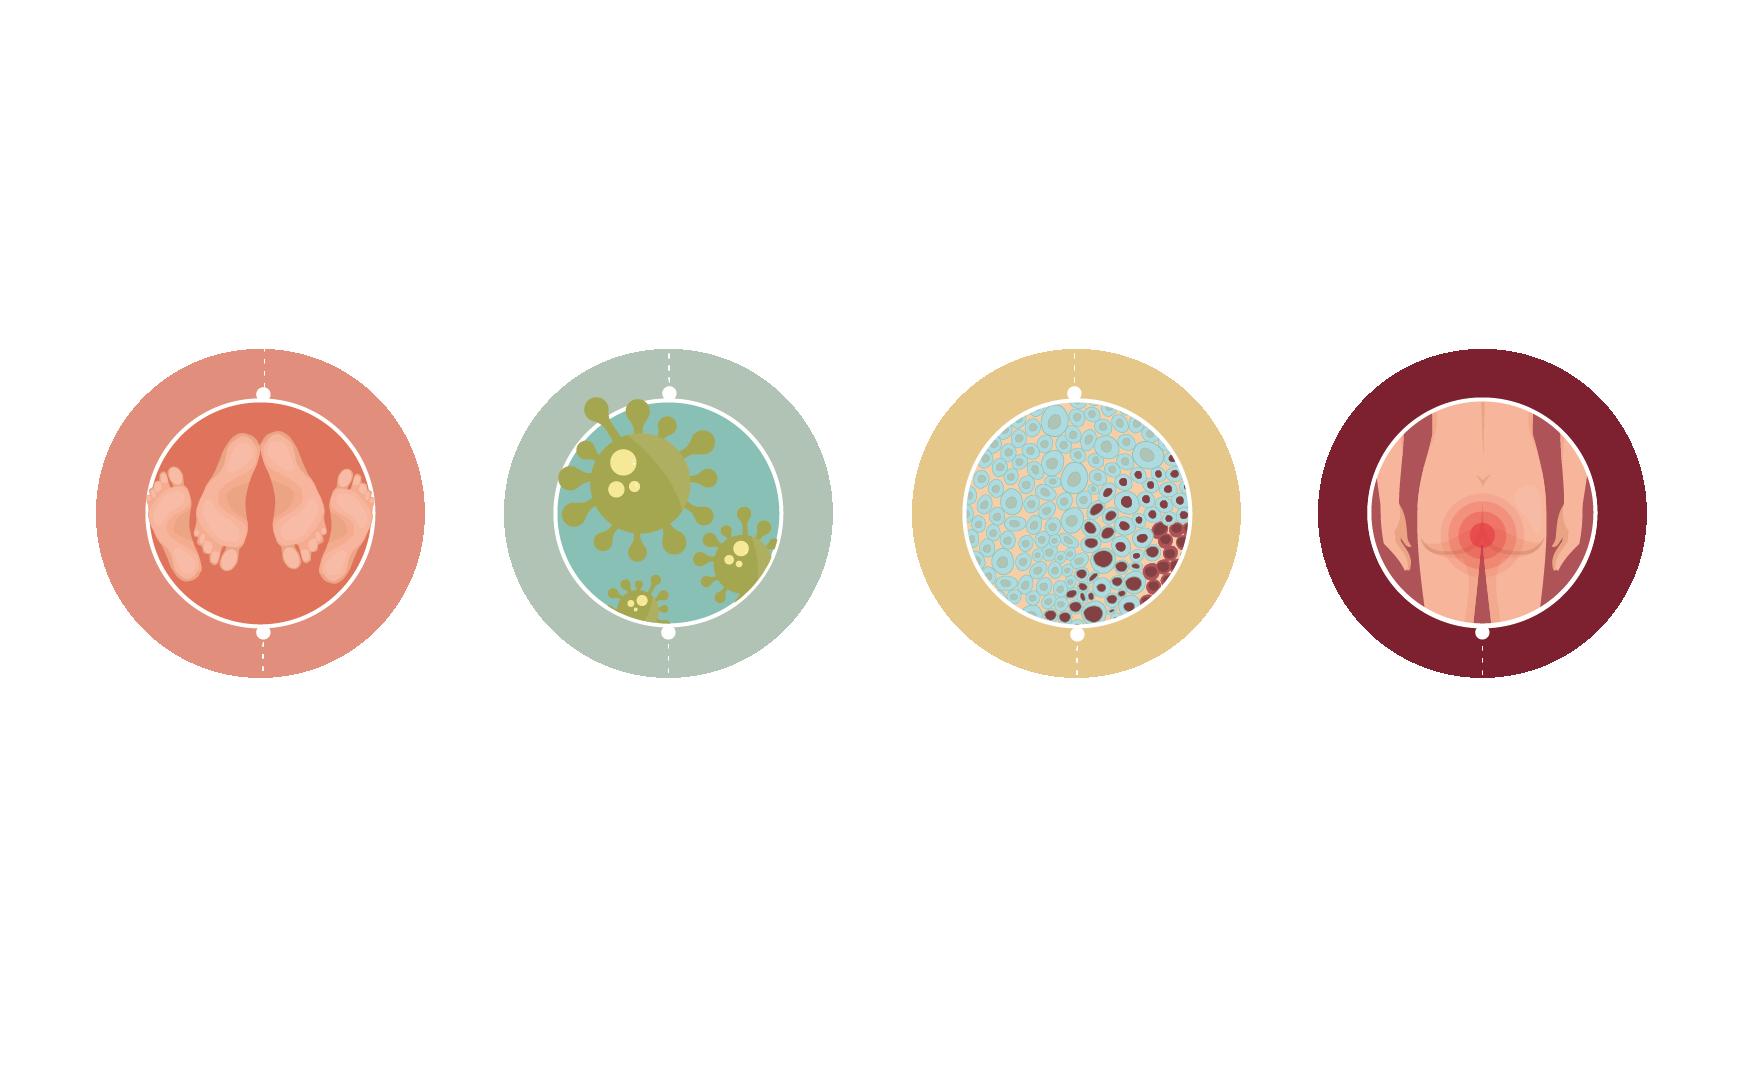 hpv vakcina bivirkning